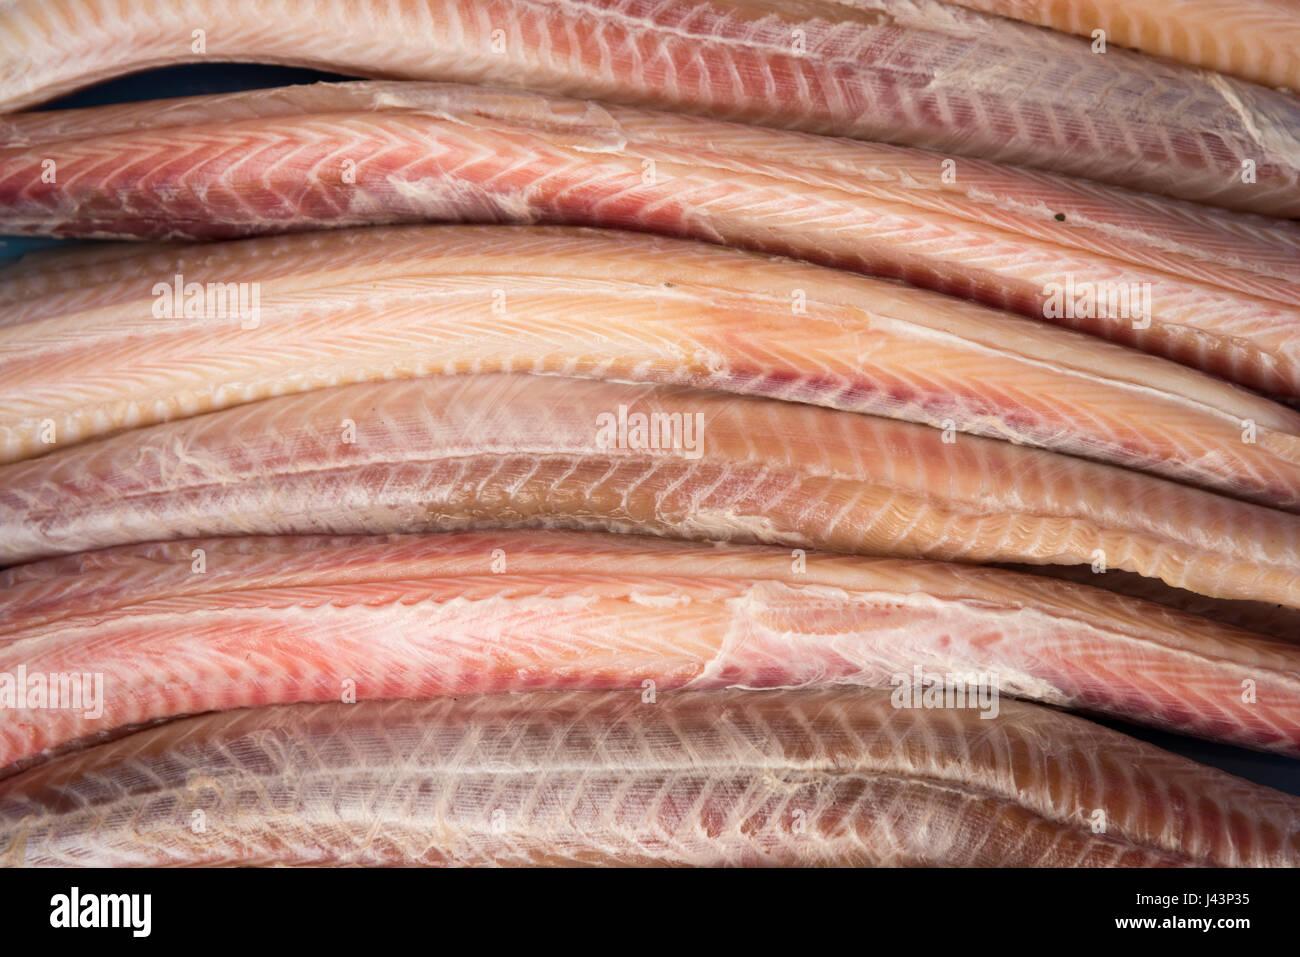 Dunkelhäutigen Rock Aal oder Katzenhai zum Verkauf im Ladengeschäft Fischhändler oder Fisch hautnah Stockbild